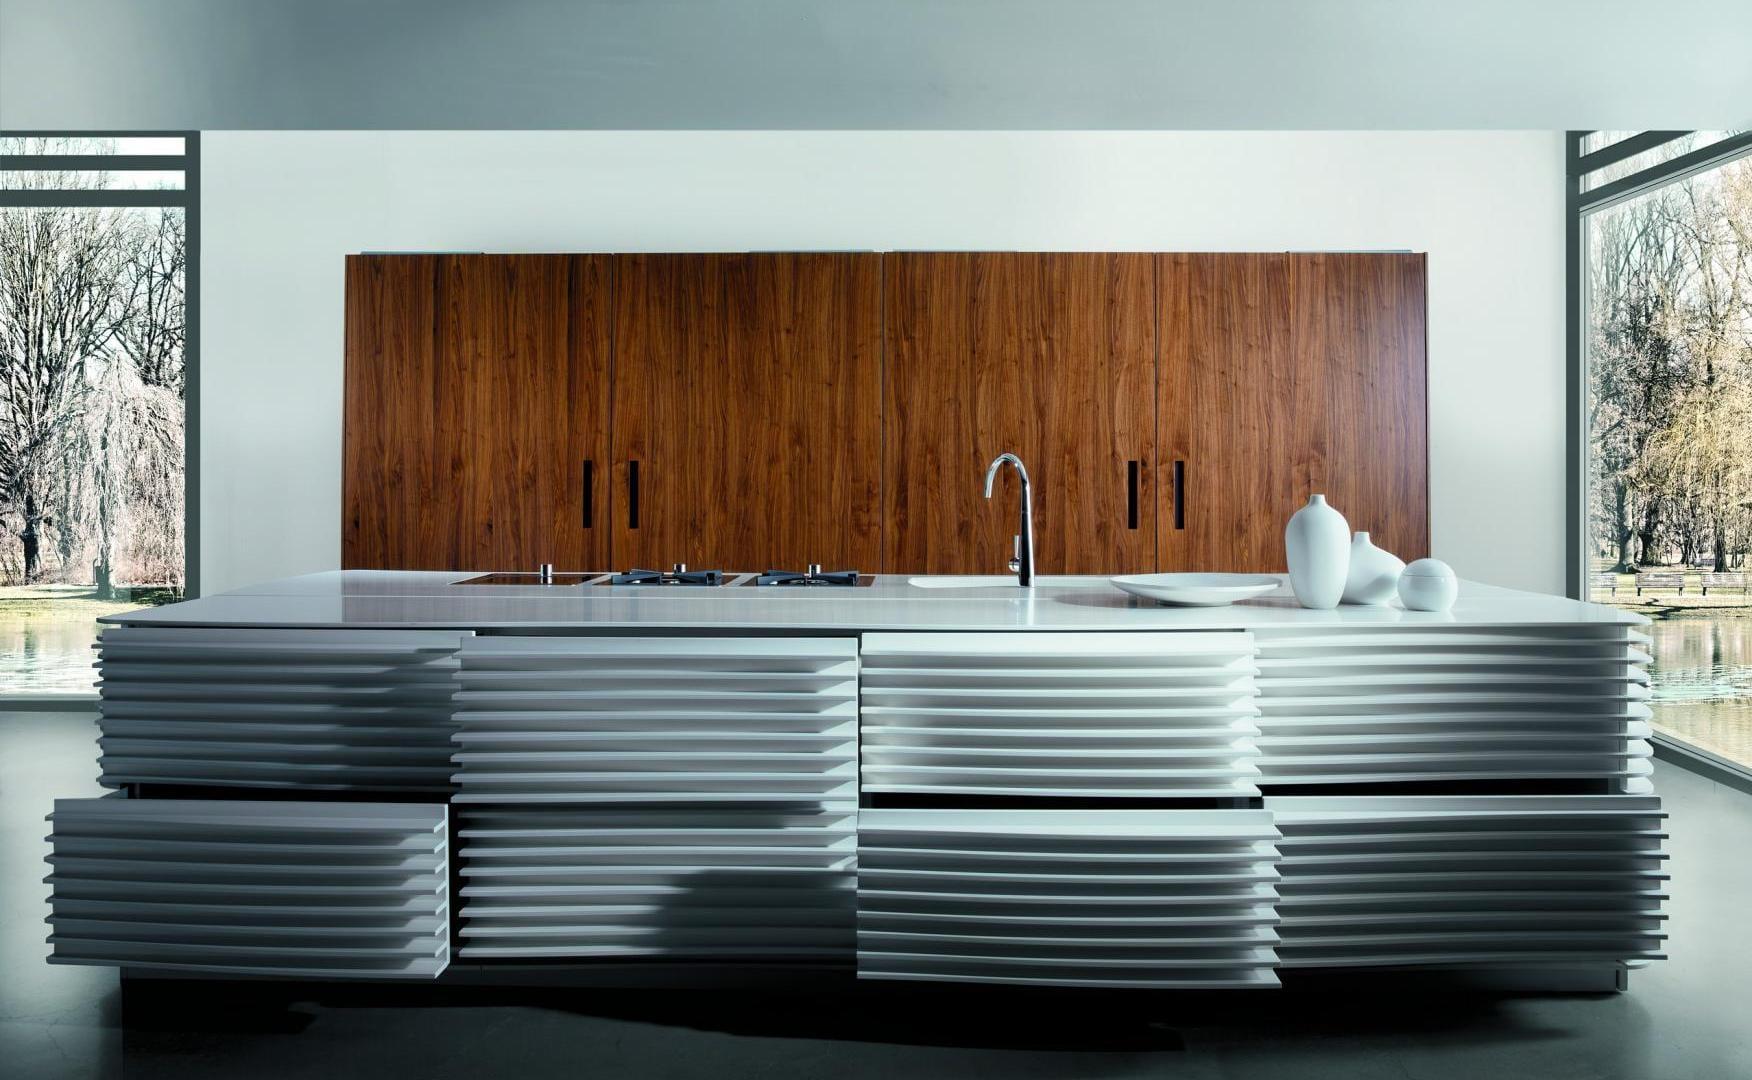 moderne kücheneinrichtung mit eingebaiten küchenskränken mit holztüren und kochinsel mit schubladen